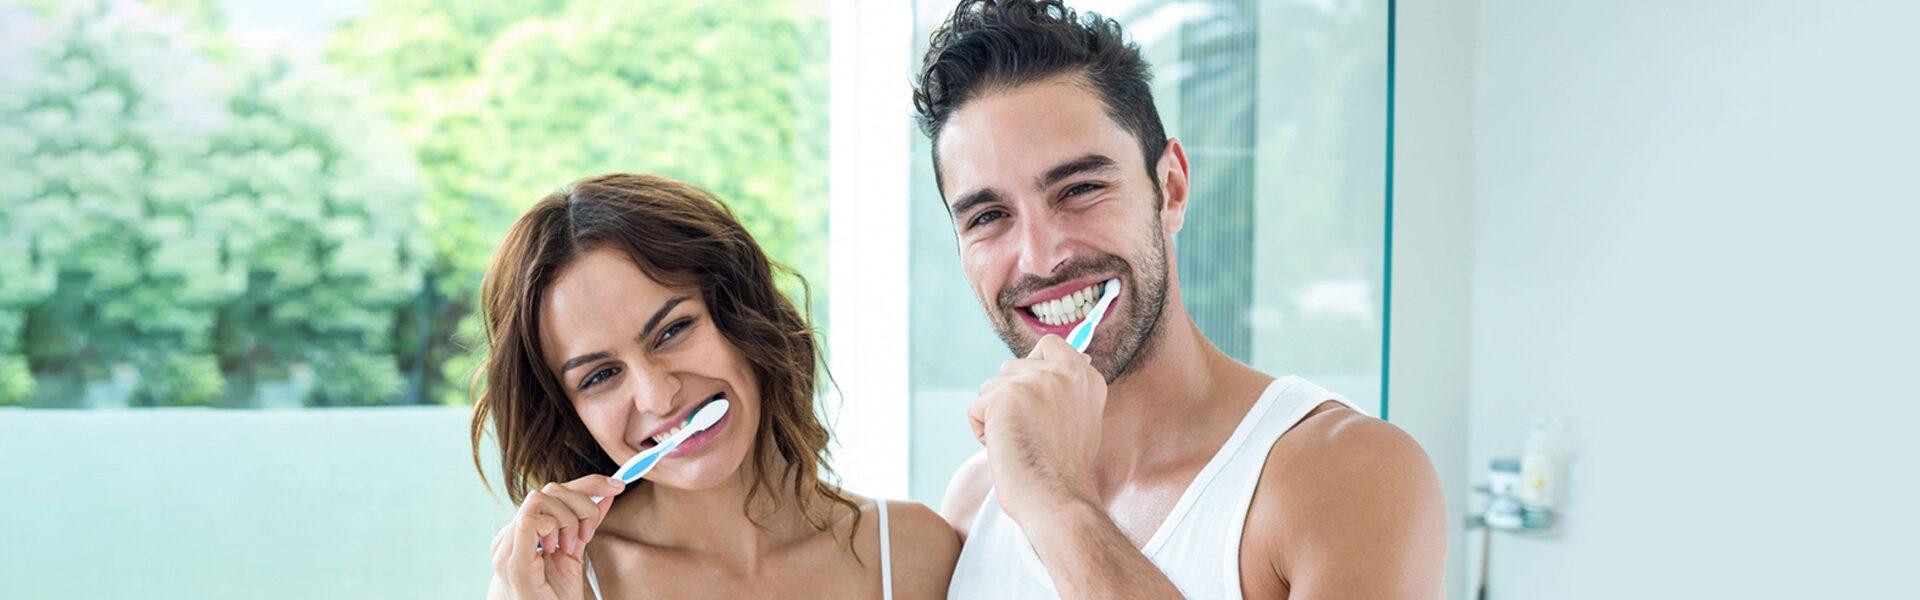 Dental Bonding in Union, NJ